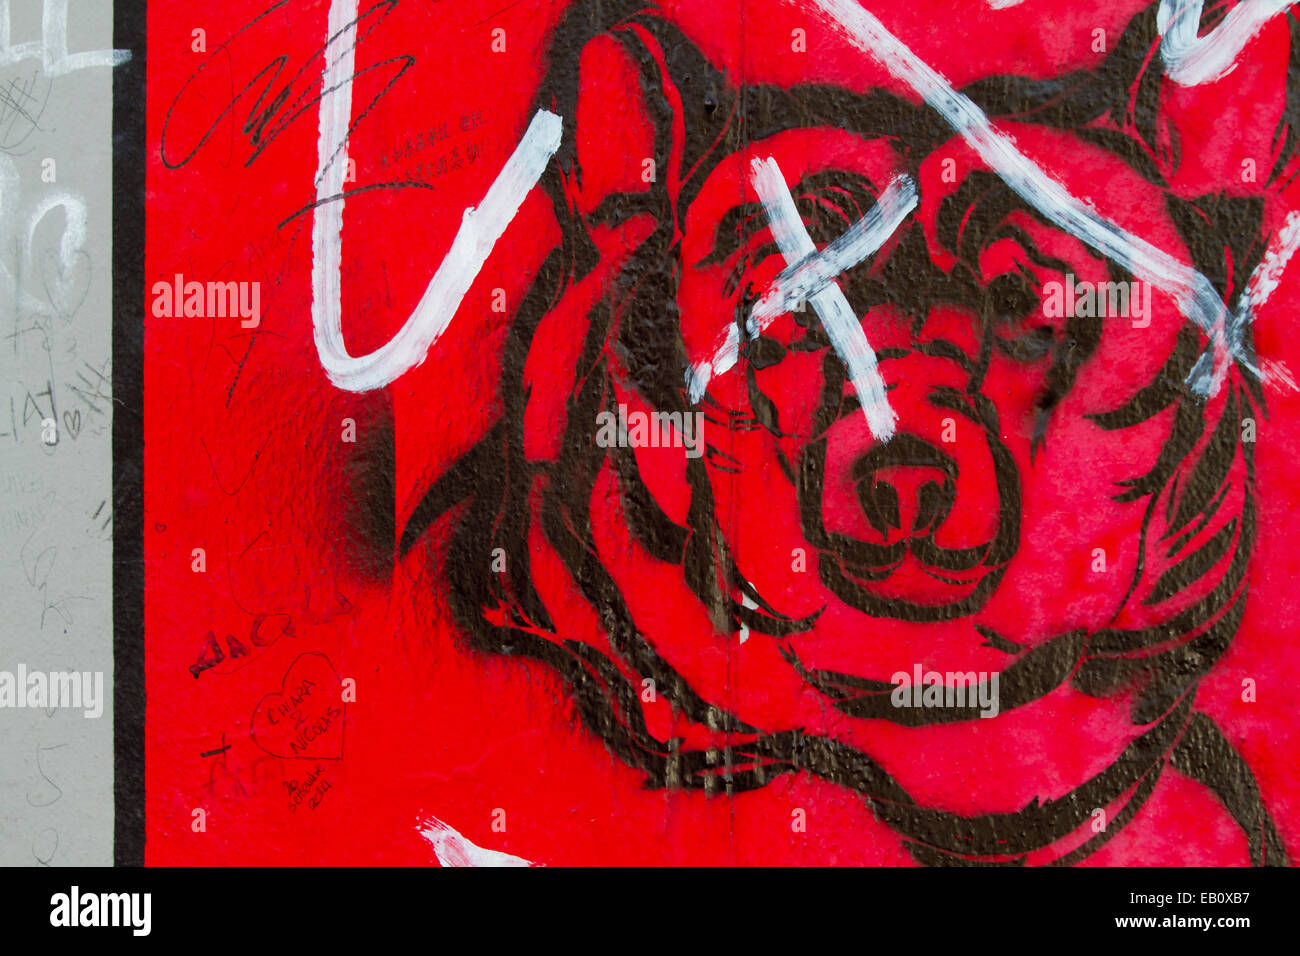 Grafiti wall red - Berlin Wall Bear Graffiti Street Art Tags Red